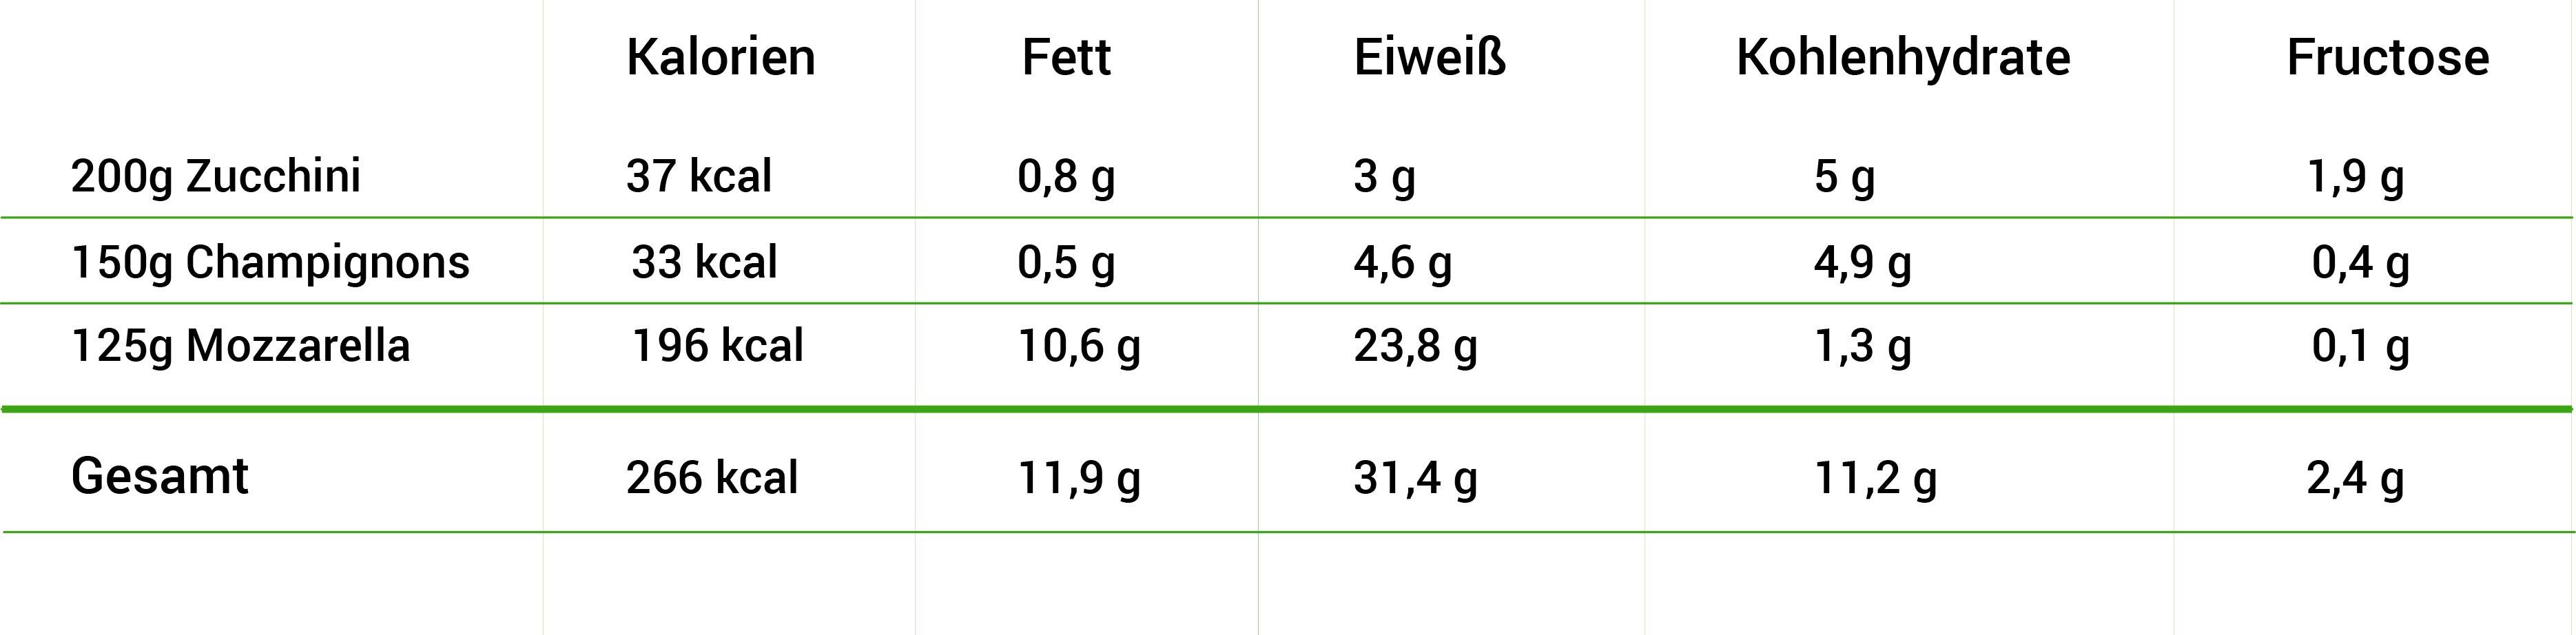 Mengen und Nährwerte von fructosearmen Zucchini Schifferl